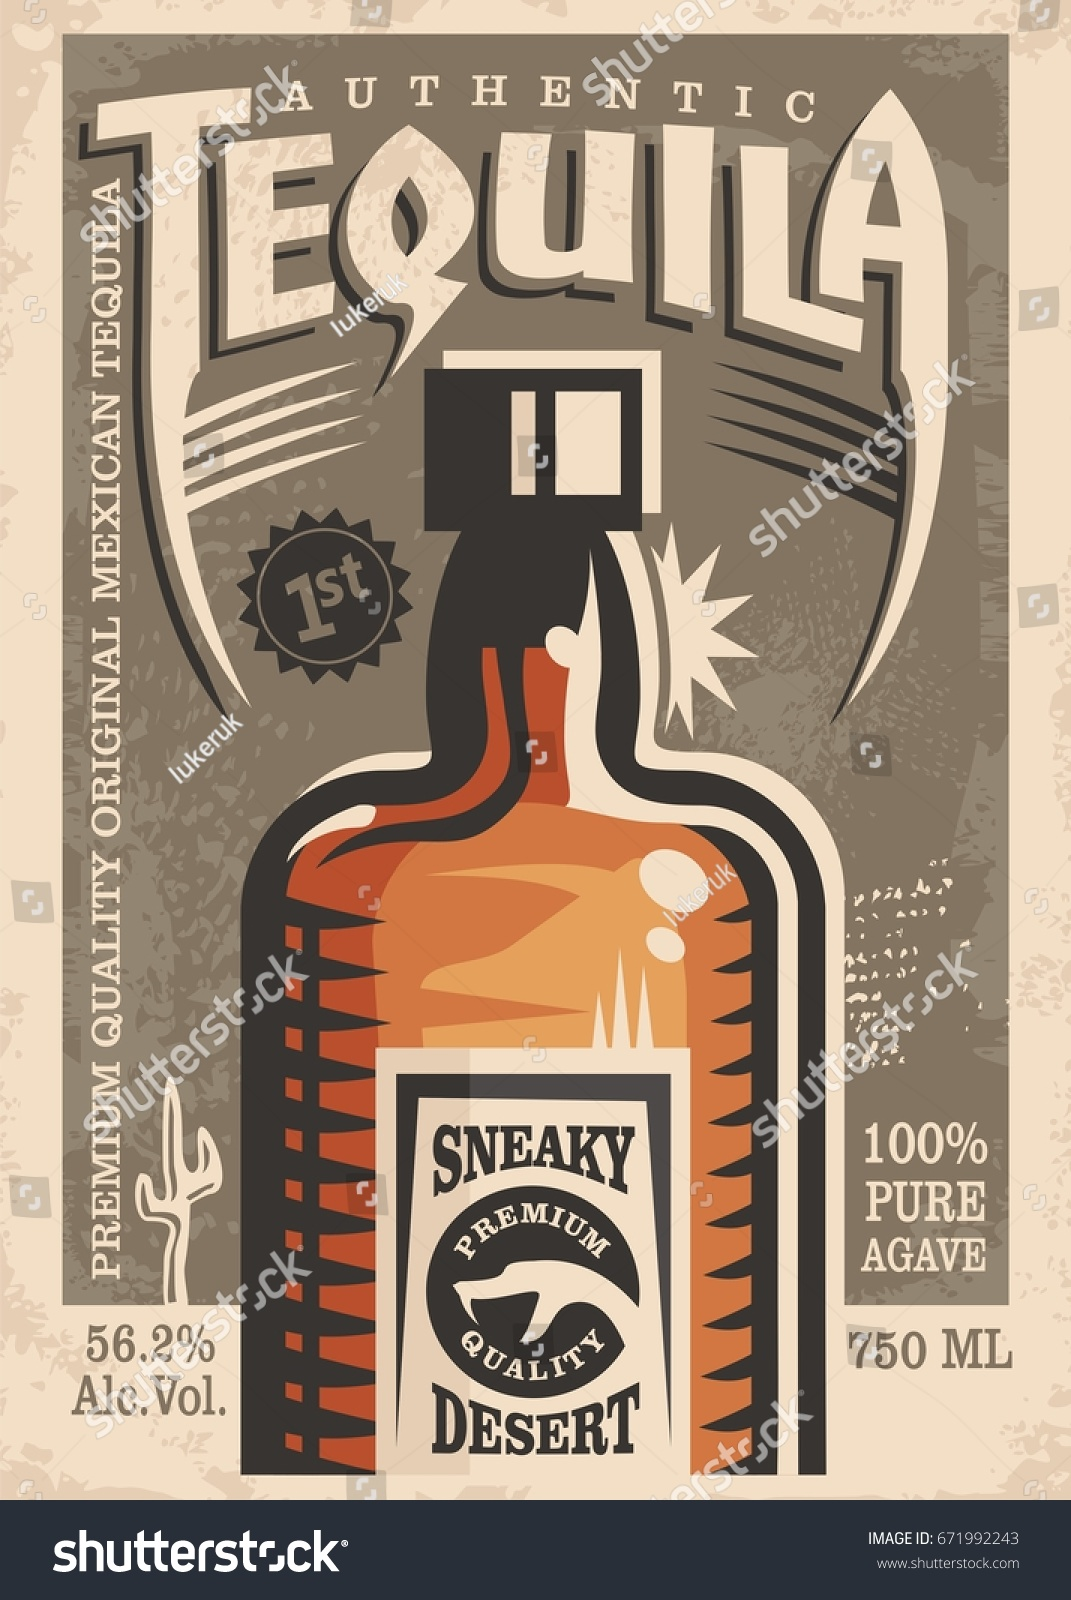 tequila promotional retro poster design vintage stock vector 671992243 shutterstock. Black Bedroom Furniture Sets. Home Design Ideas